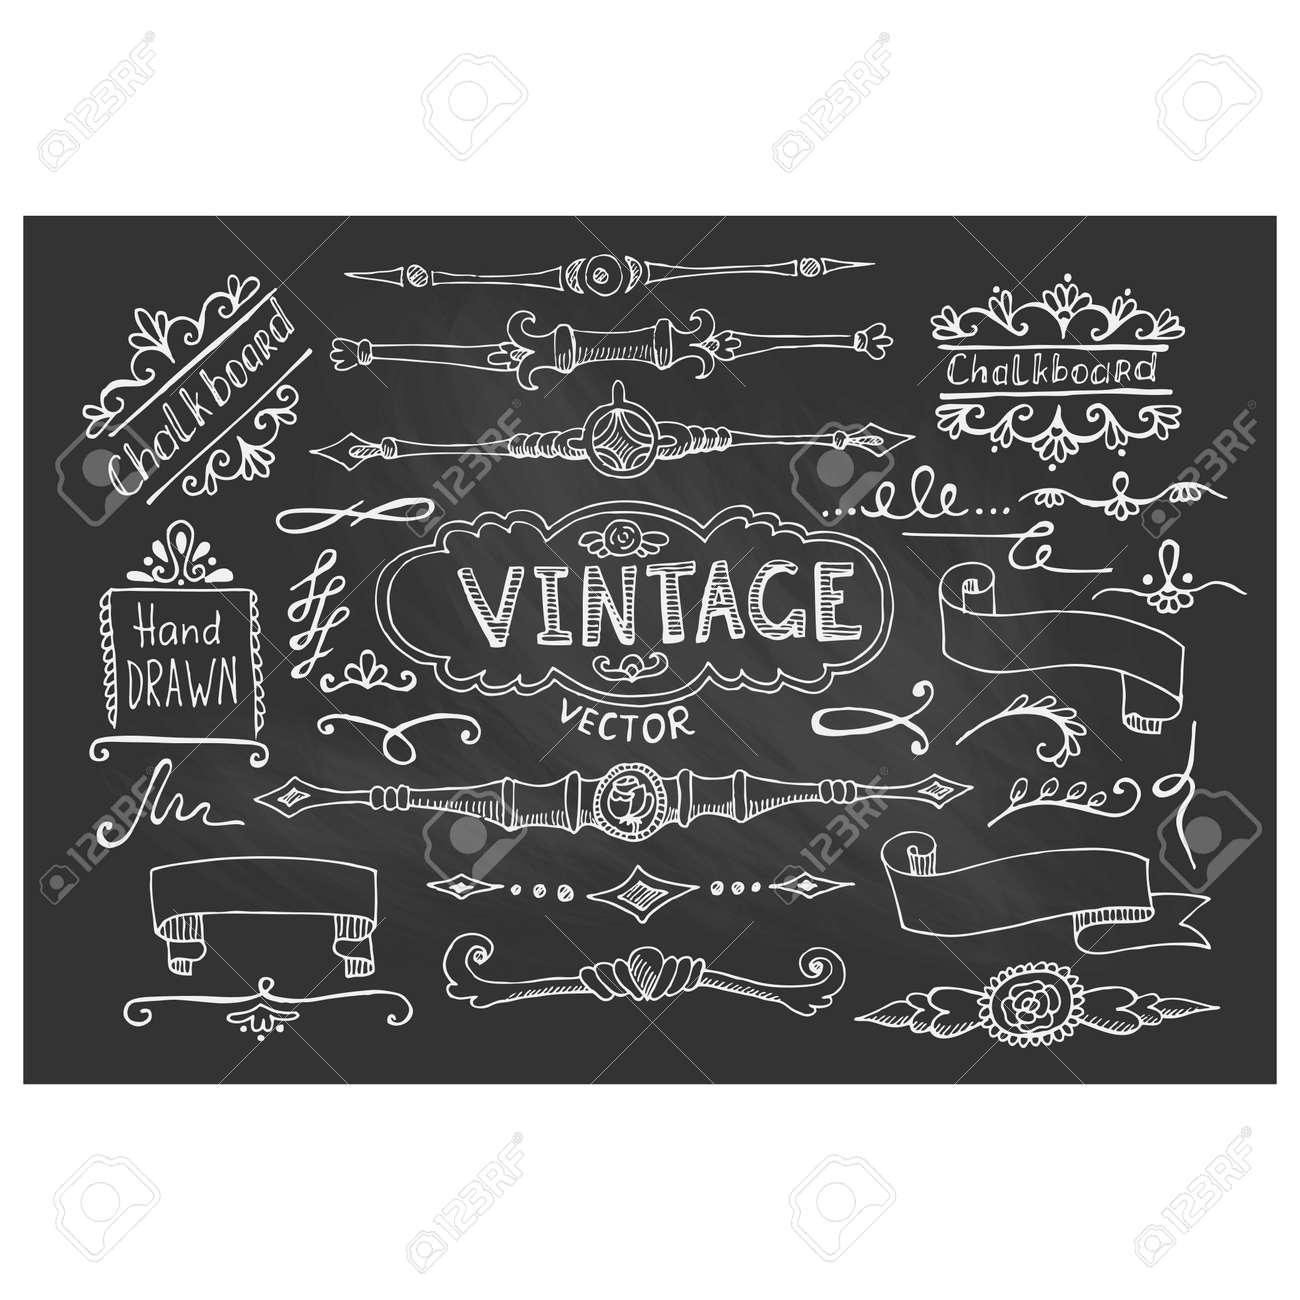 vector illustration of decorative vintage chalkboard elements